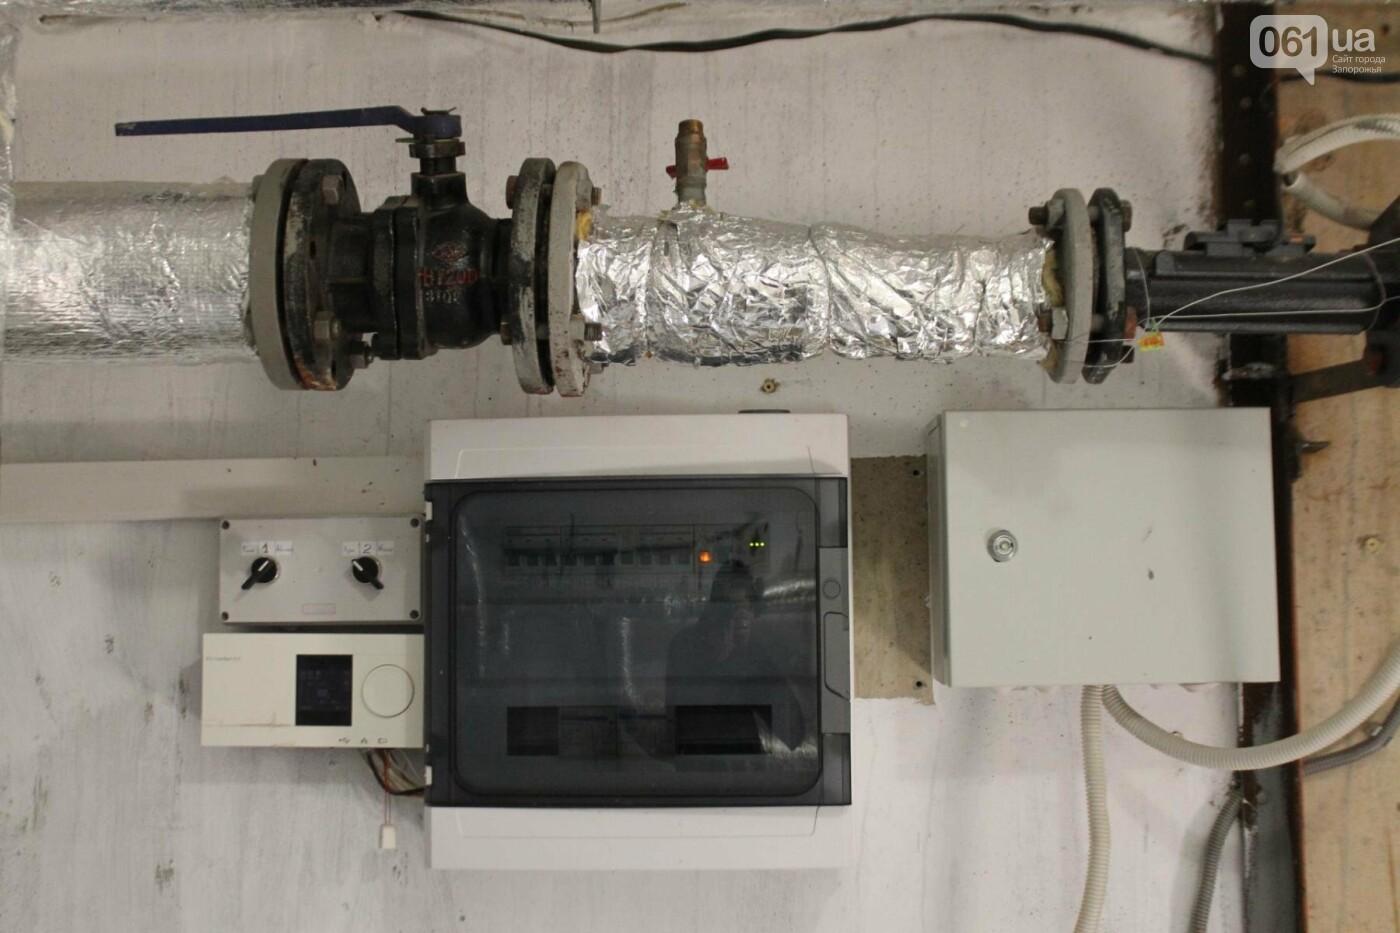 Сам себе хозяин: как запорожские ОСМД занимаются энергосбережением и значительно экономят на тарифах, — ФОТО, фото-8